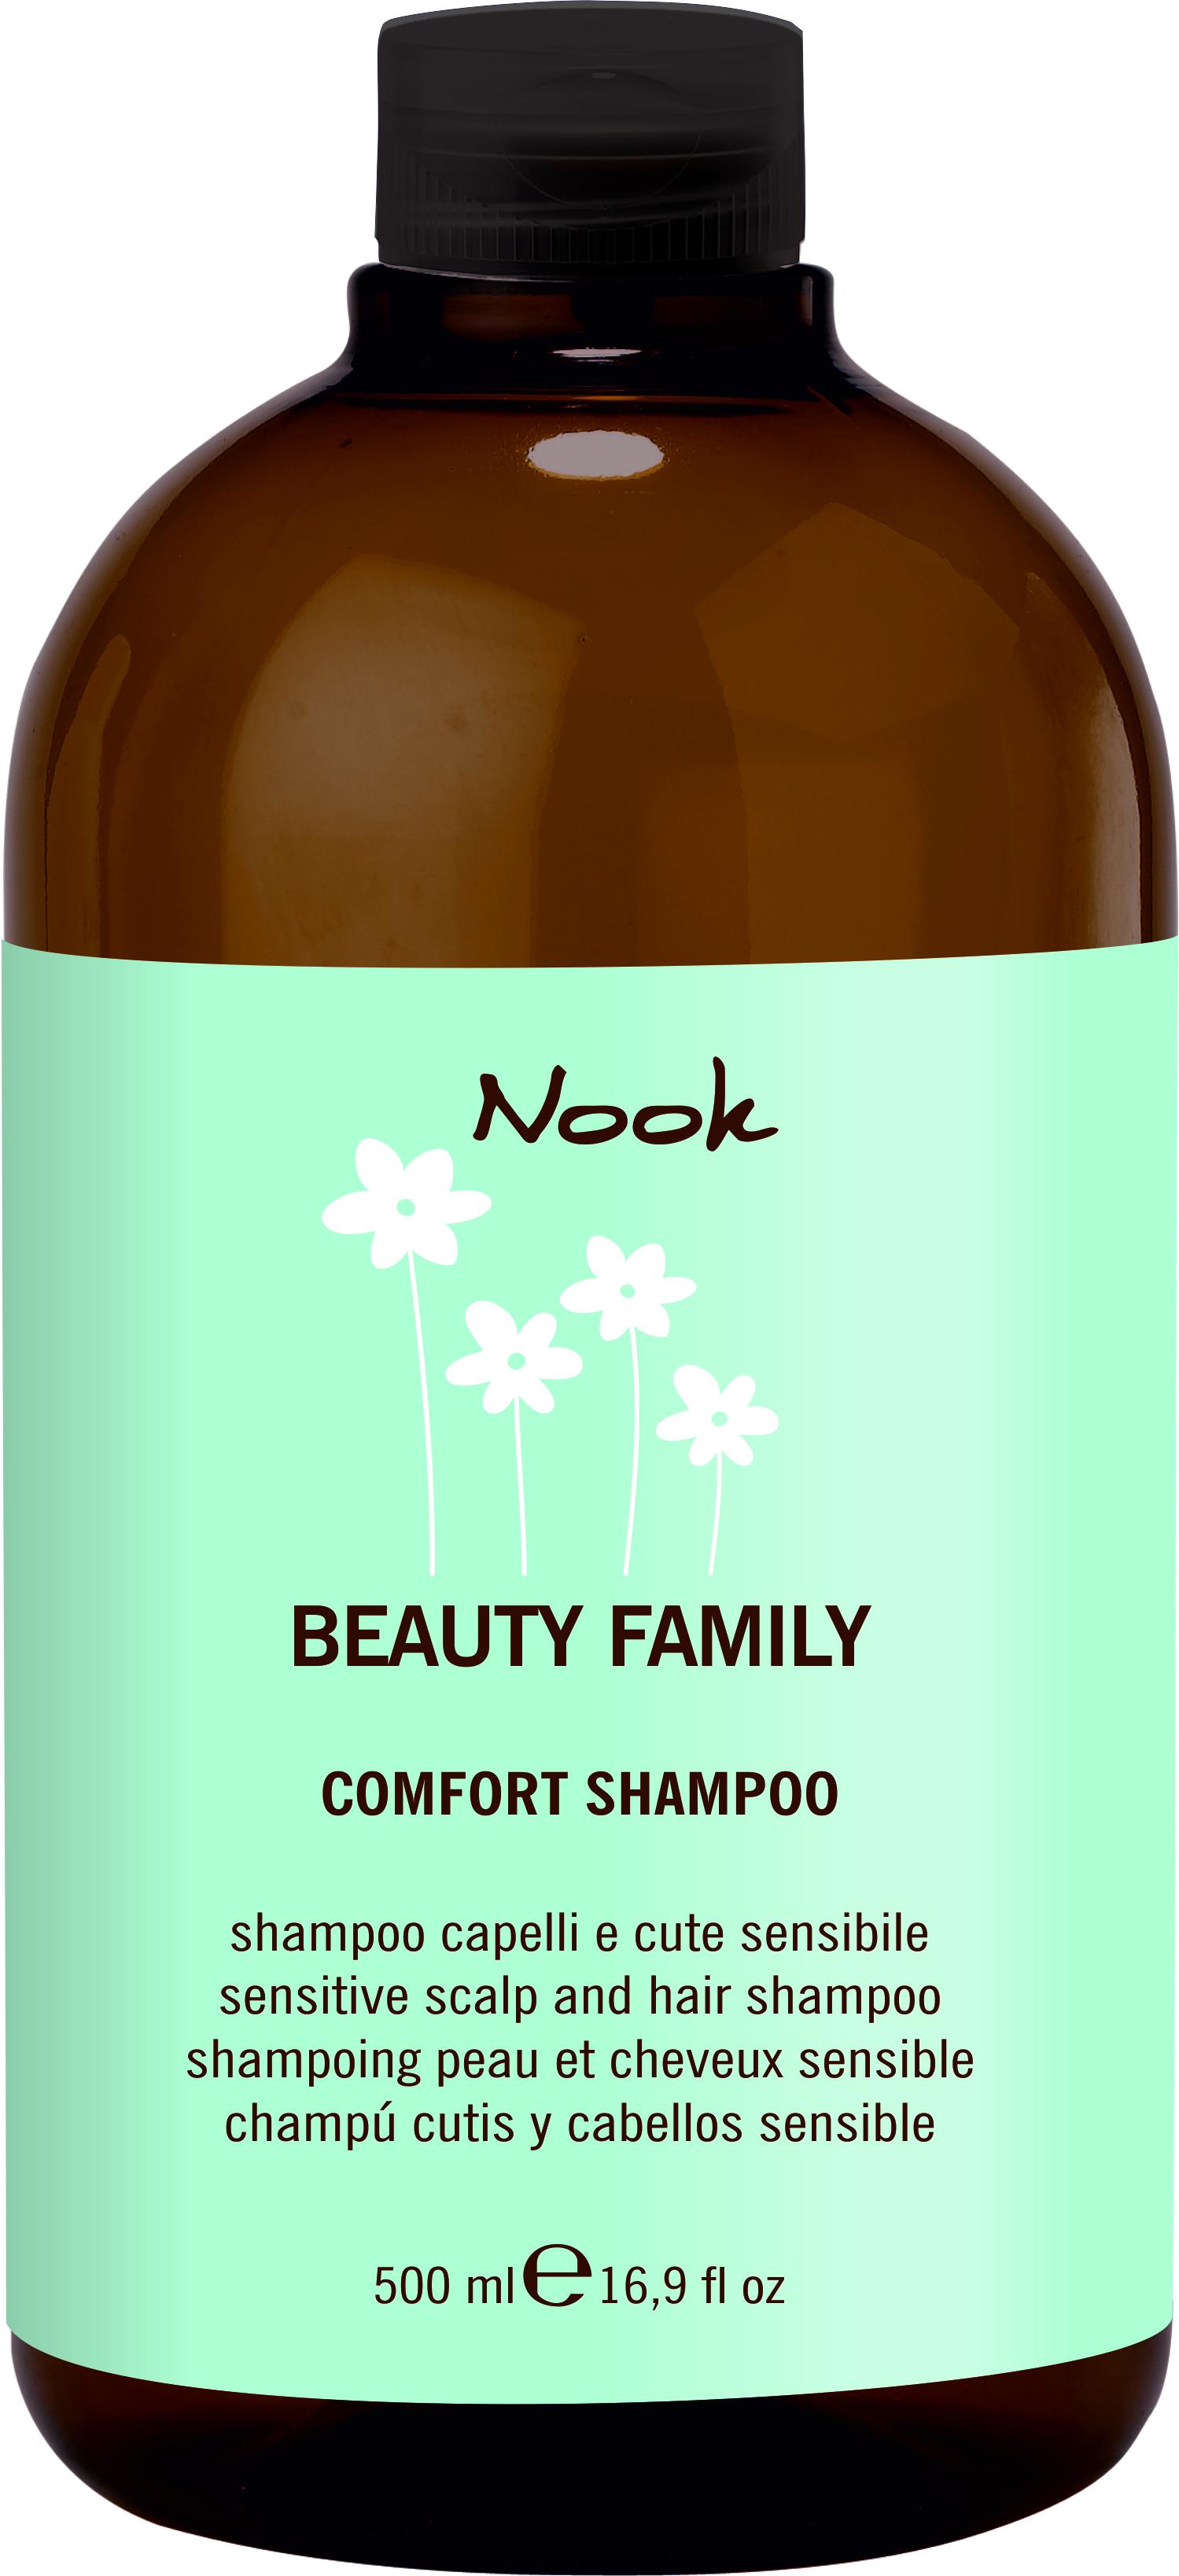 цена NOOK Шампунь для нормальных волос Ph 5,5 / Comfort Shampoo BEAUTY FAMILY 500 мл